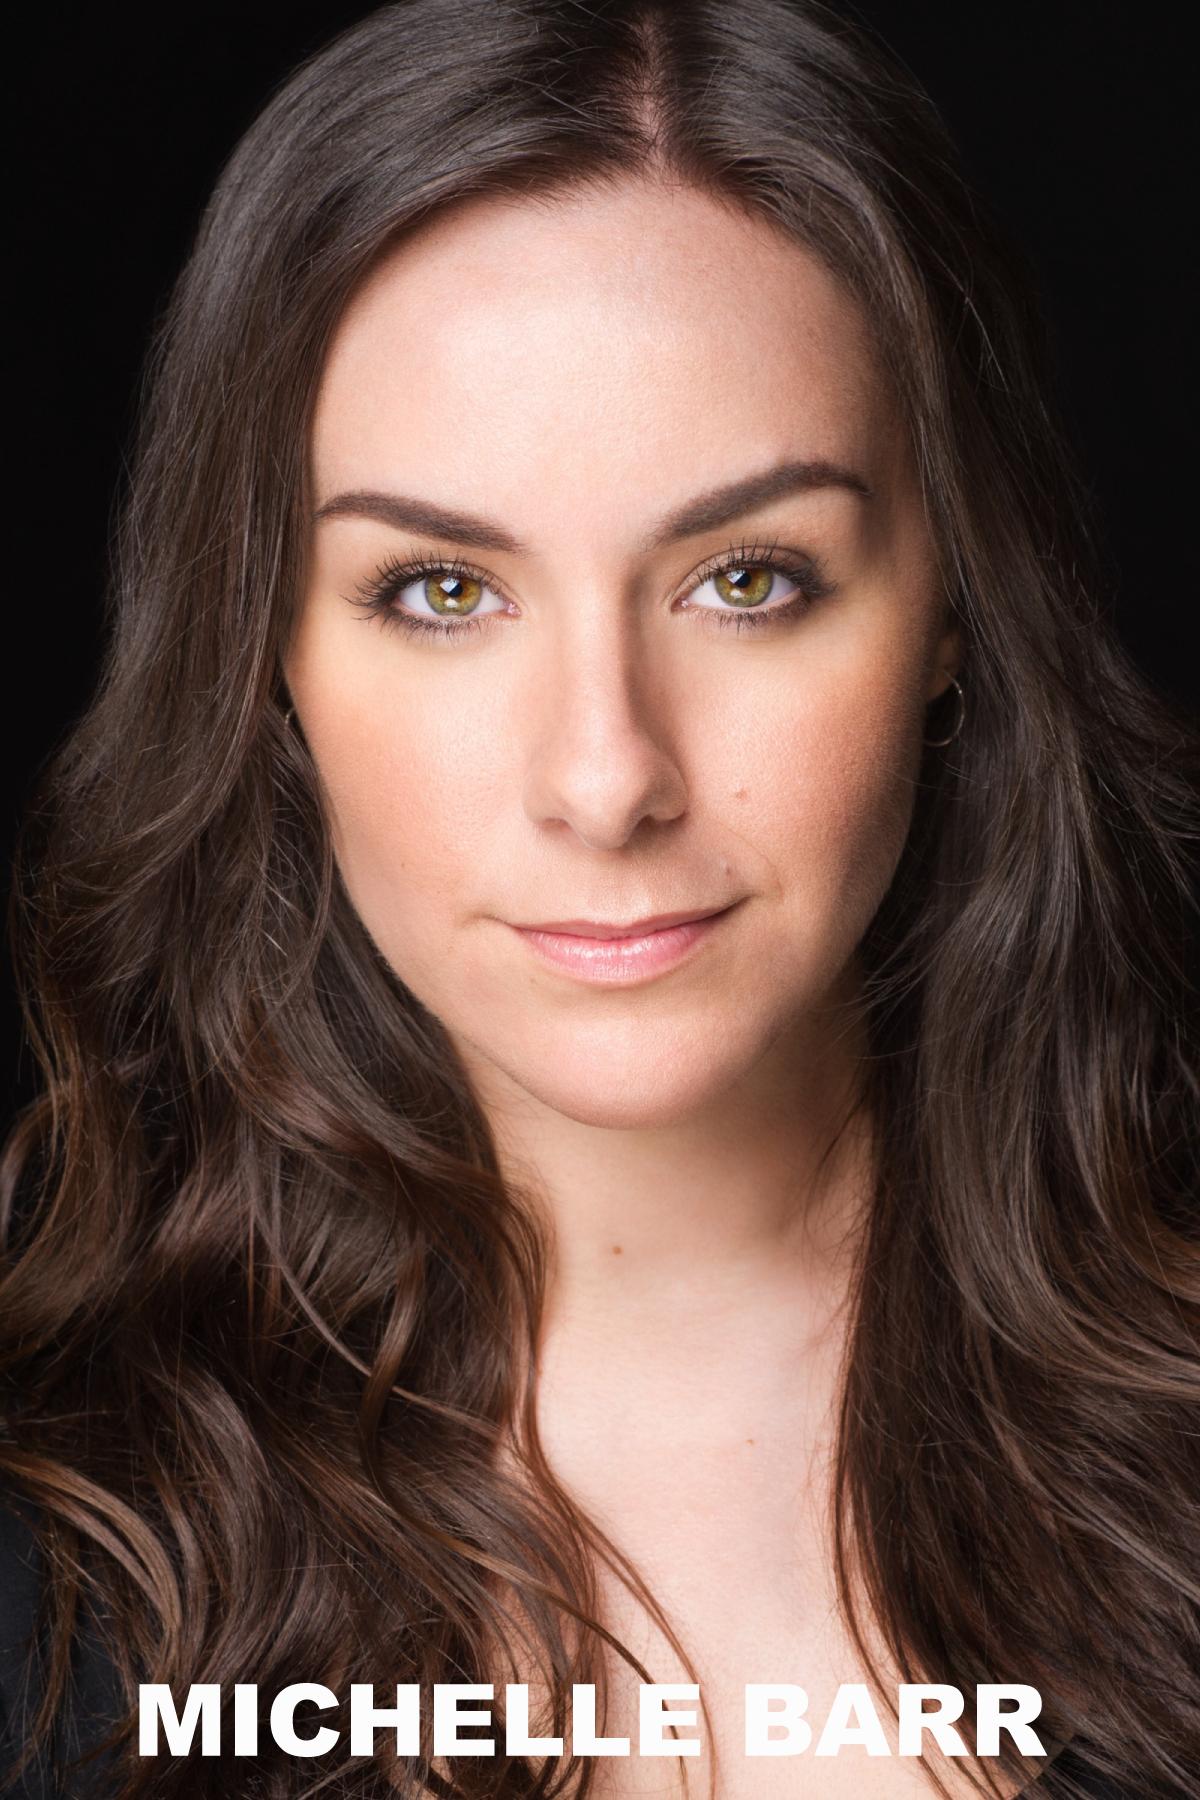 Michelle-Barr-(Singer-Dancer-Actor).png